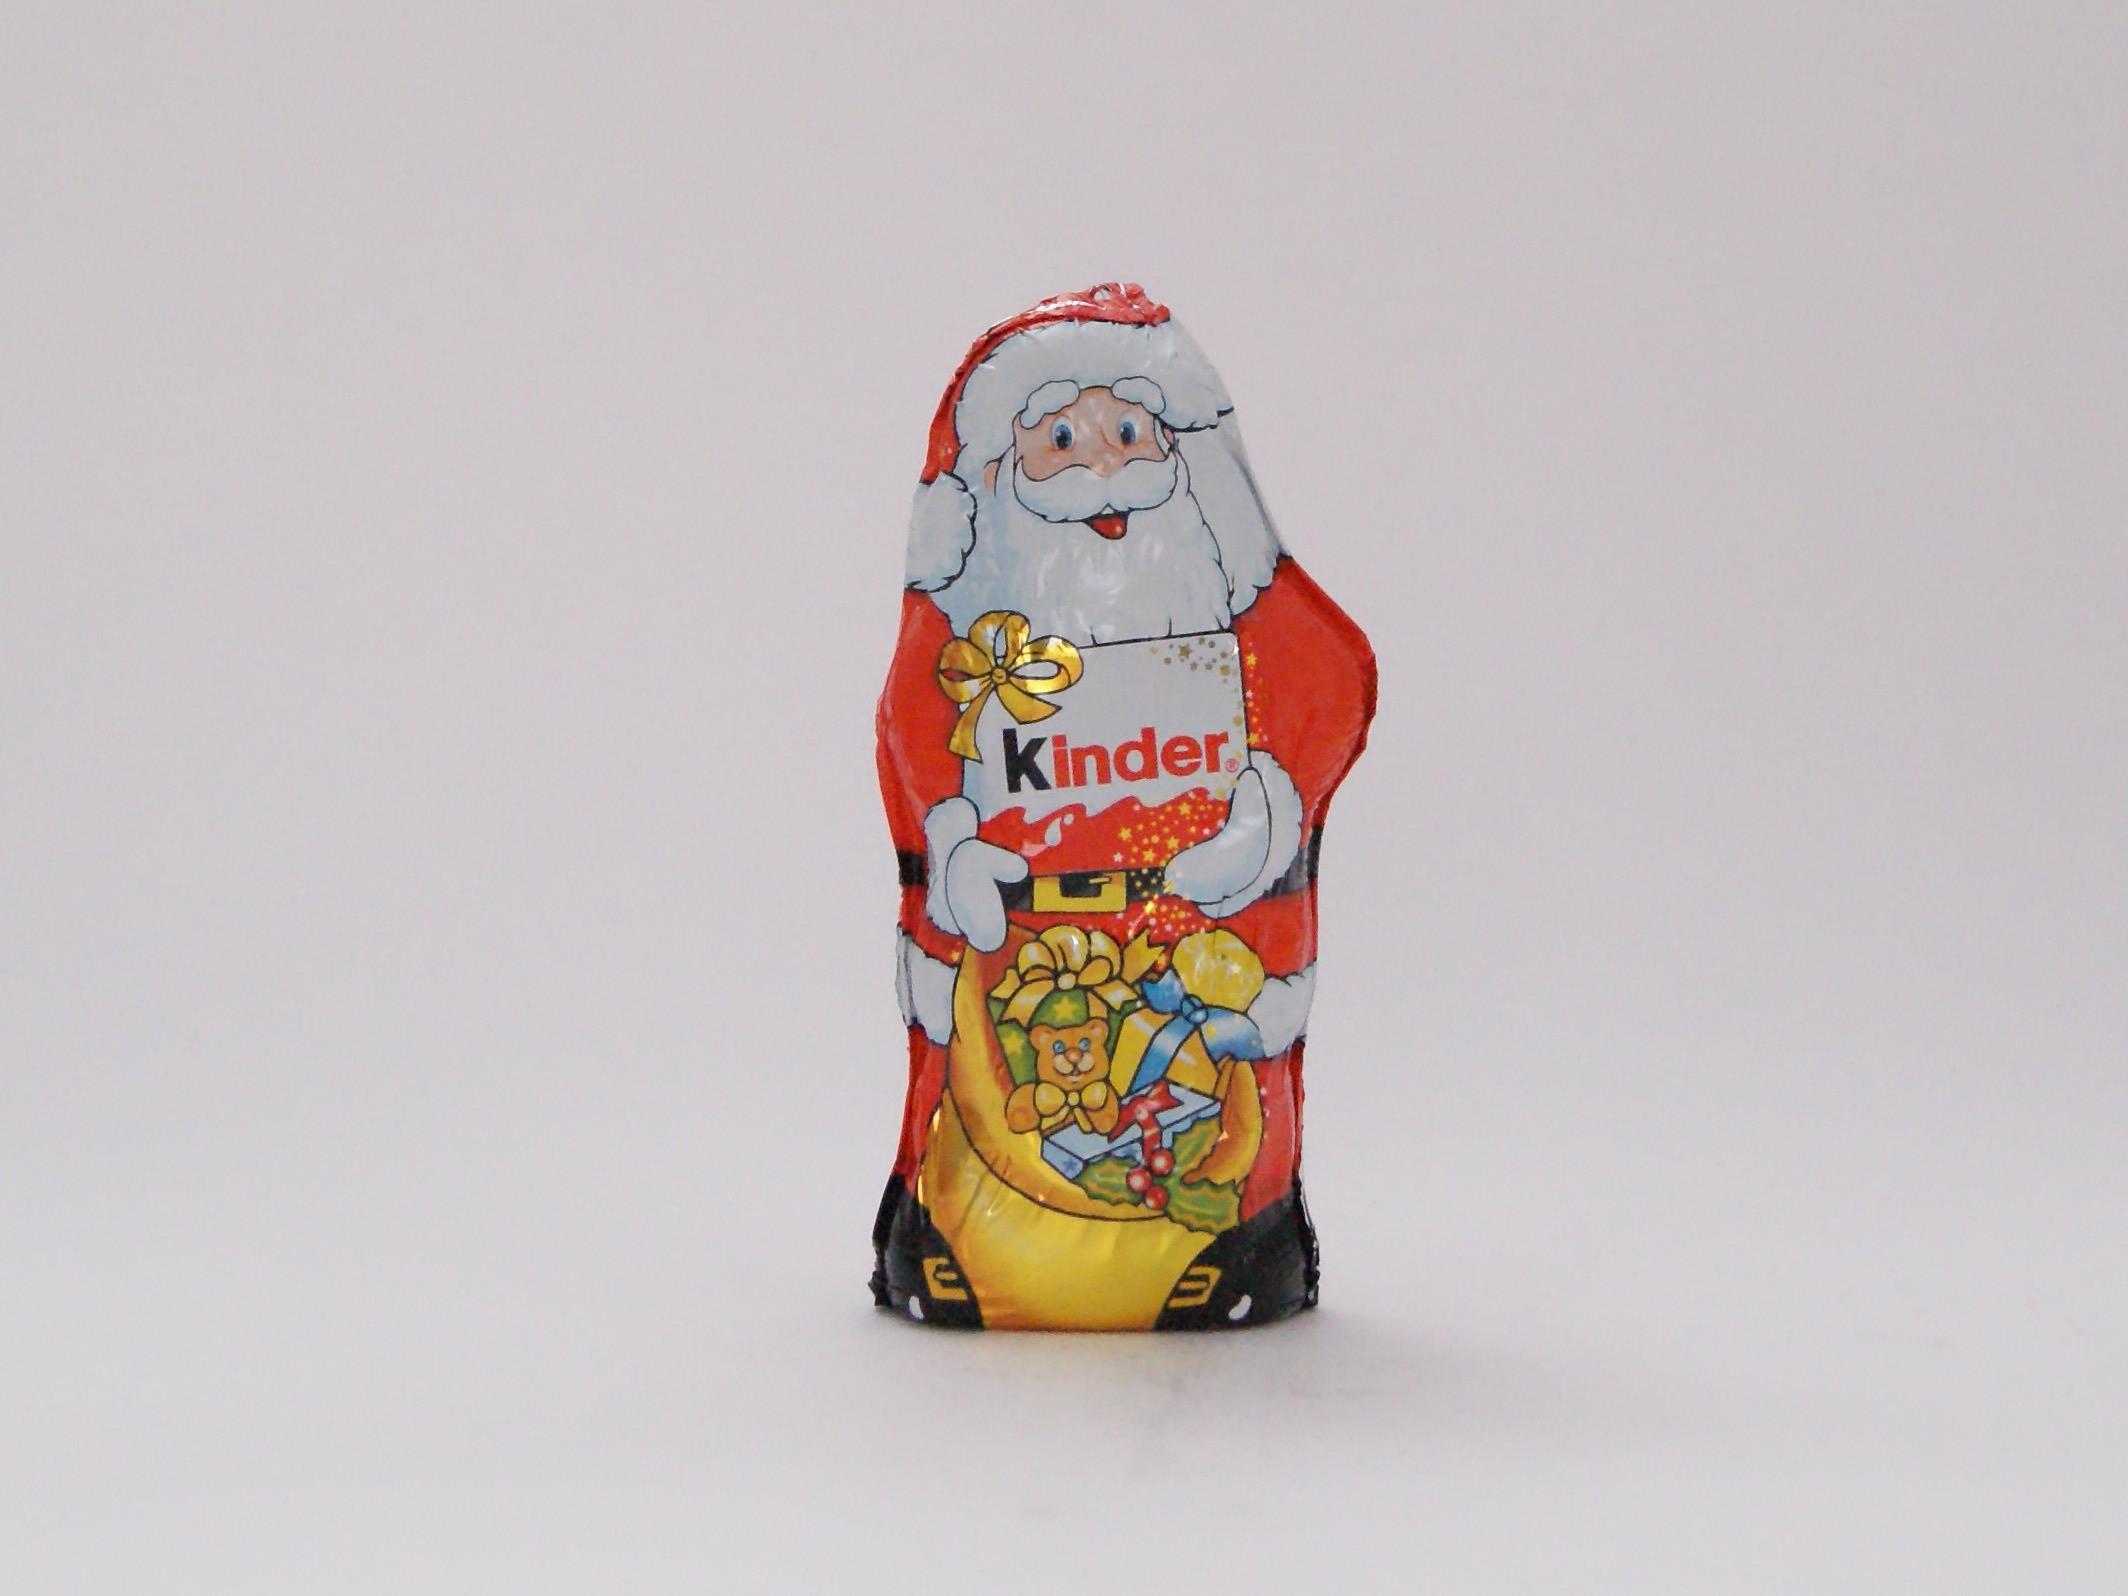 Kinder Weihnachtsmann – kjero.com